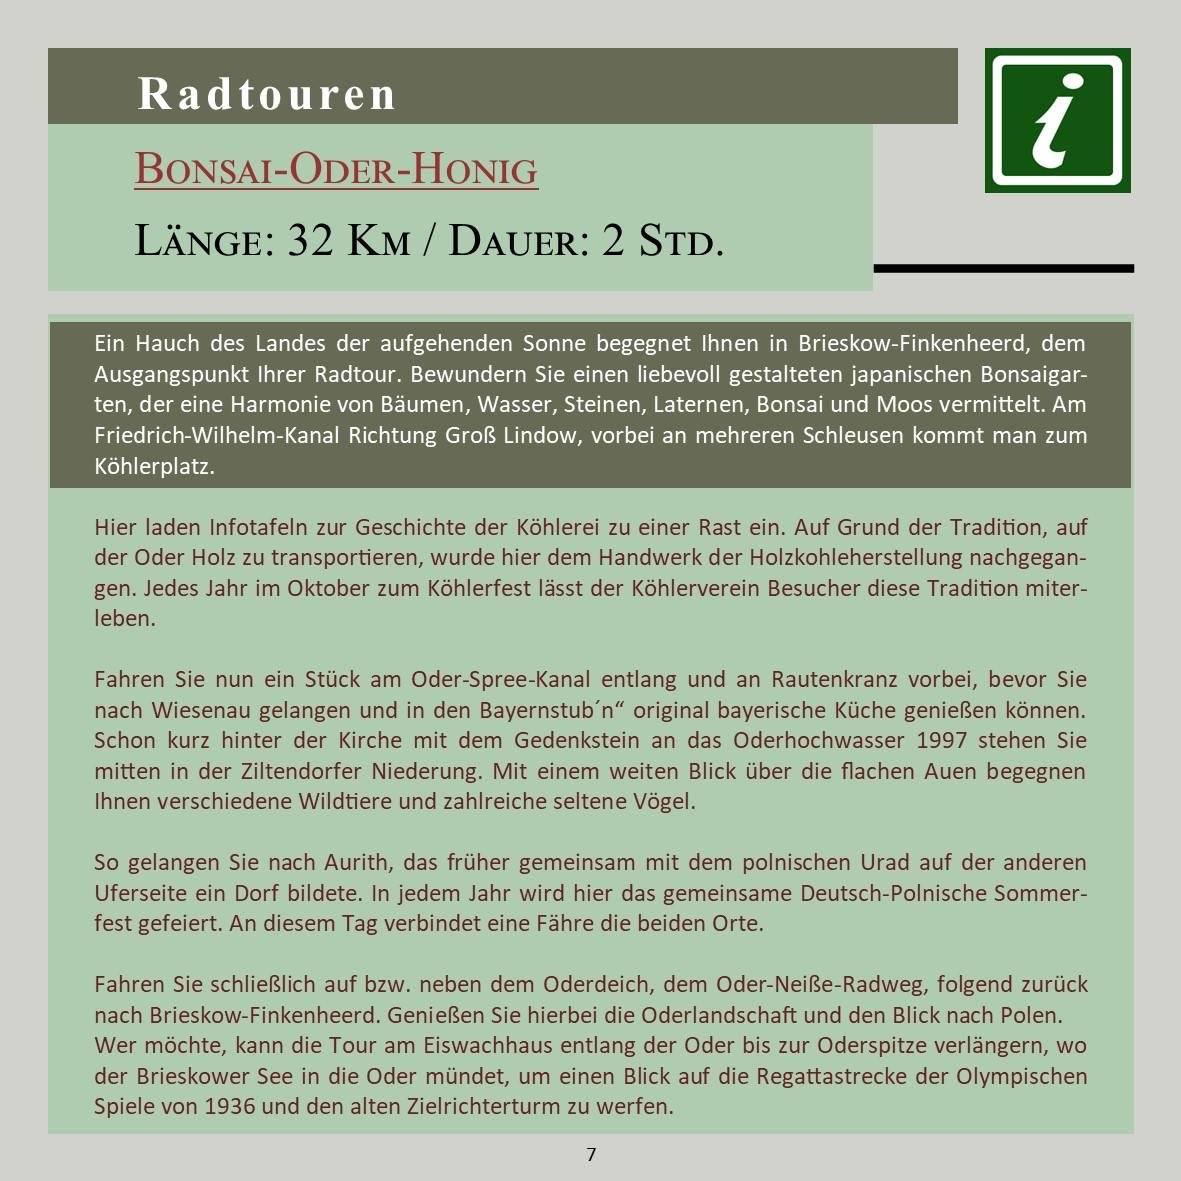 06_Broschüren_Wander_Rad_Bootstouren7